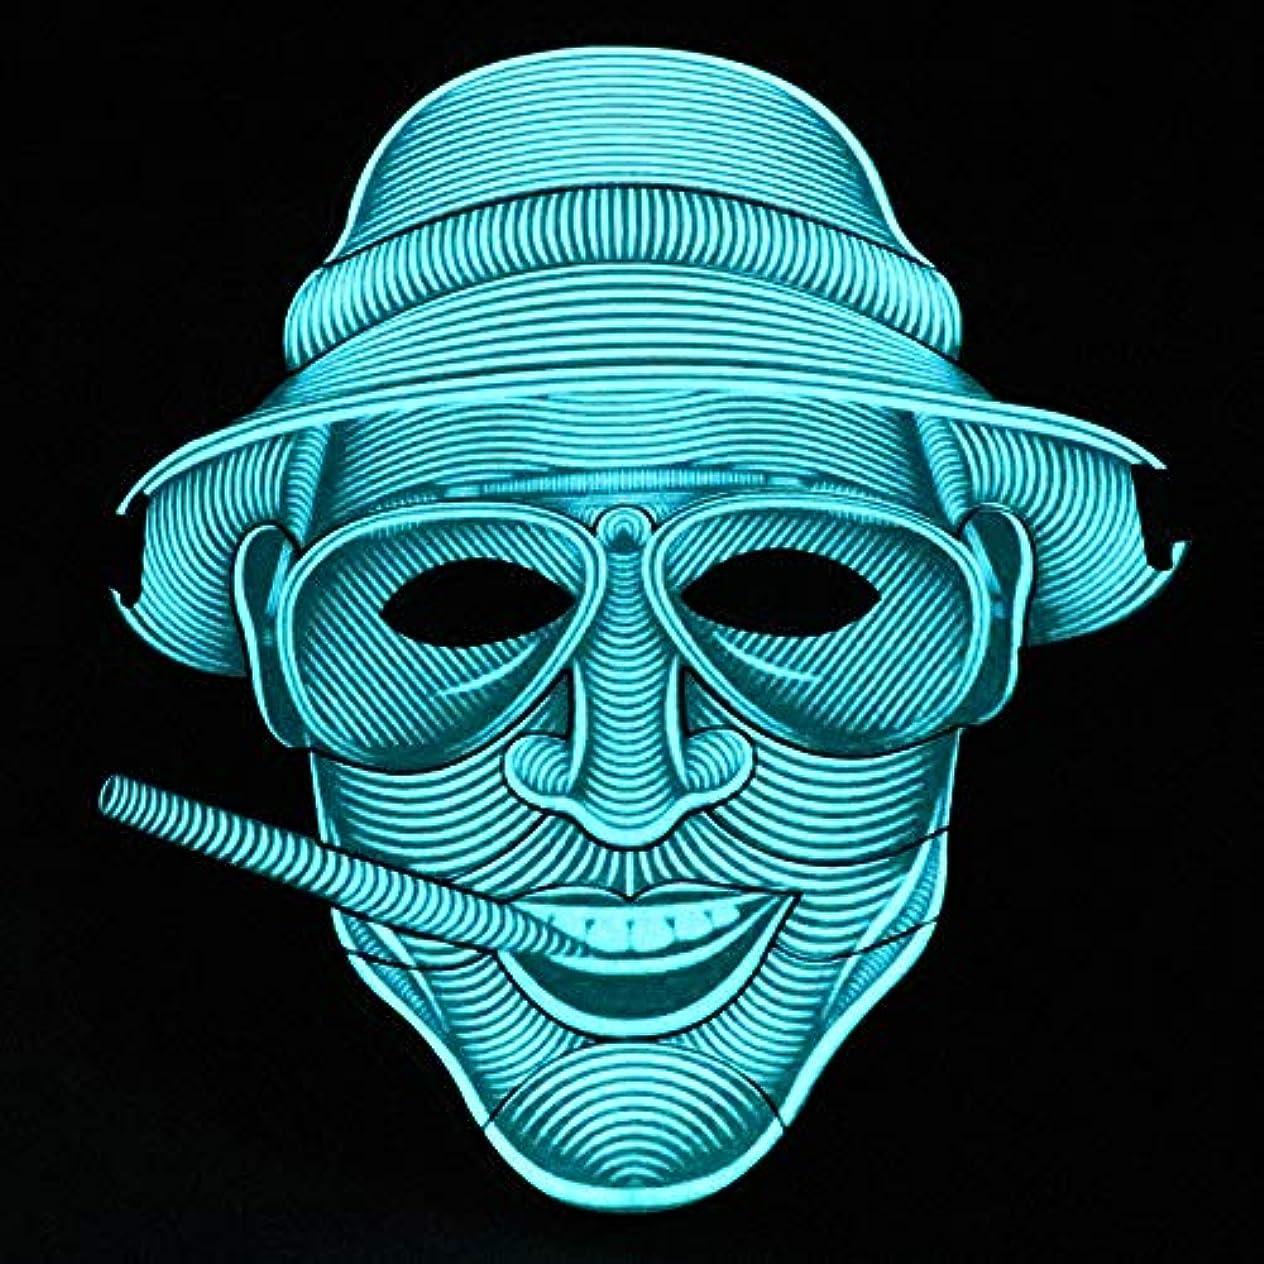 拷問休憩無知照らされたマスクLED創造的な冷光音響制御マスクハロウィンバーフェスティバルダンスマスク (Color : #6)